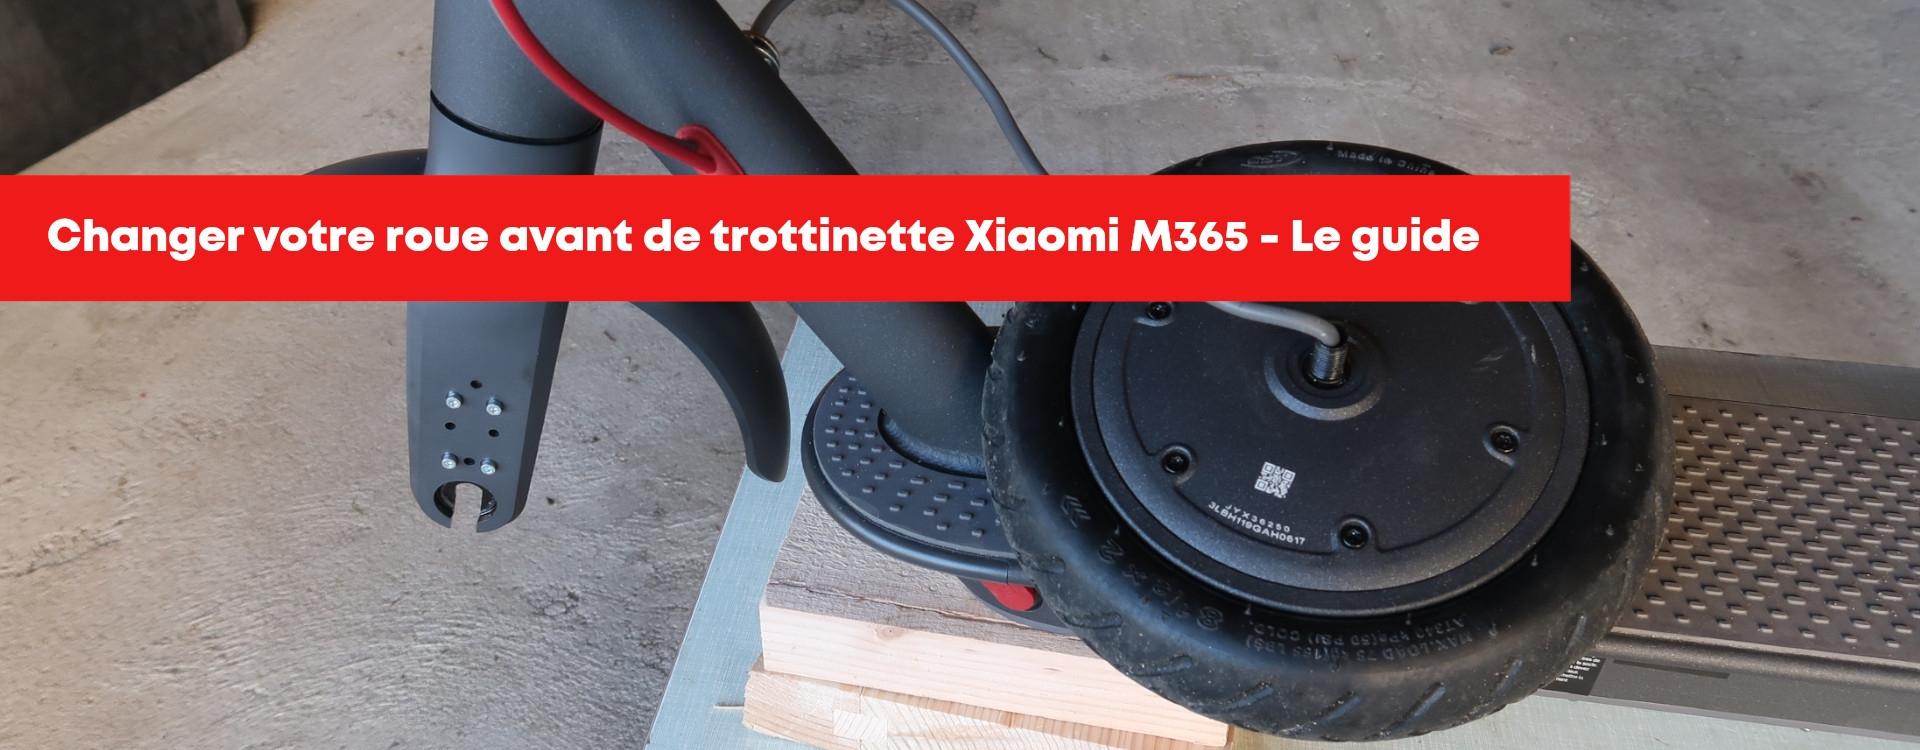 Comment changer votre roue avant sur votre trottinette Xiaomi M365 ?